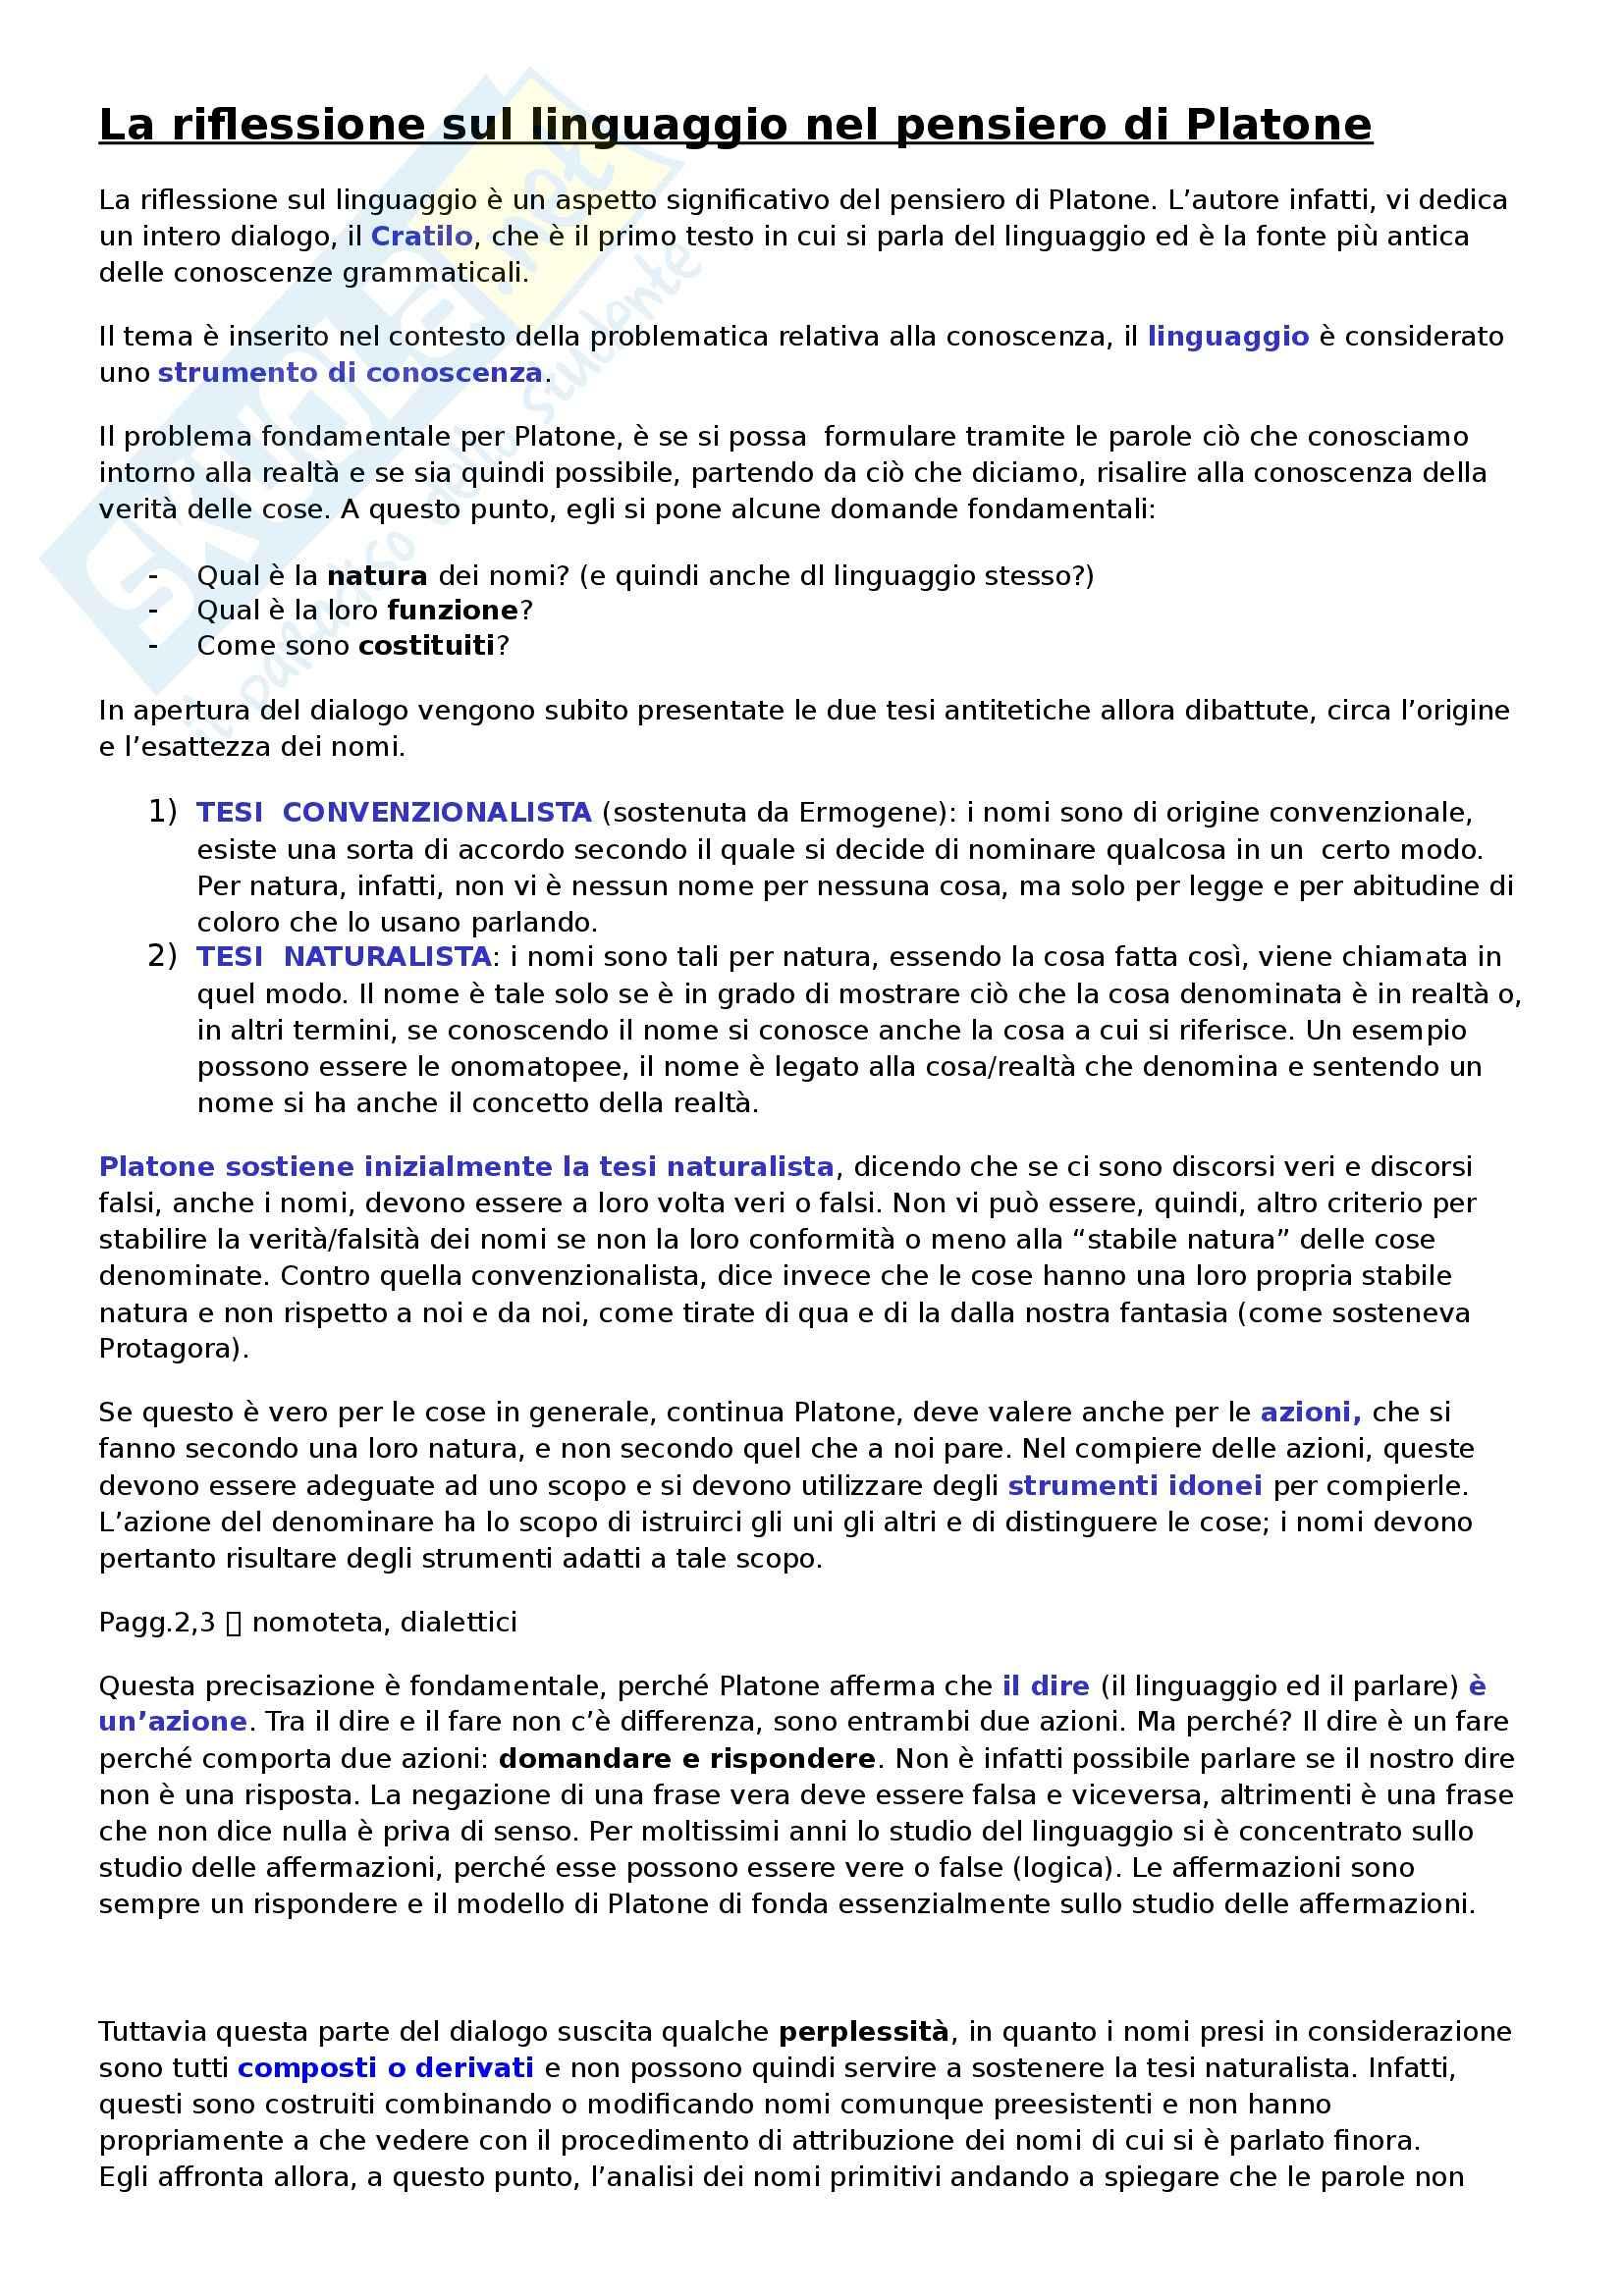 Linguistica italiana - La riflessione sul linguaggio nel pensiero di Platone